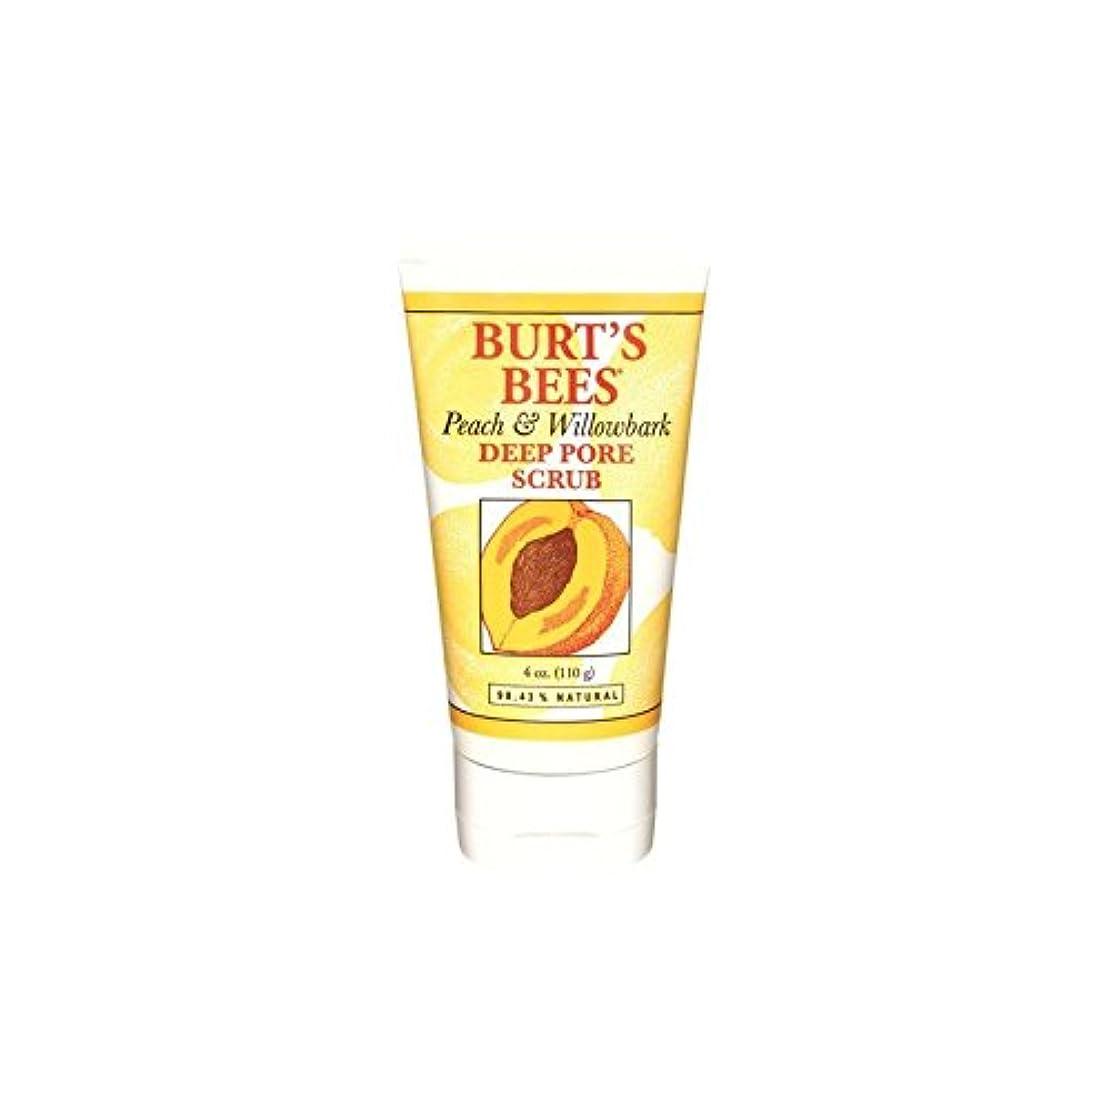 教縮れた特異なBurt's Bees Peach & Willowbark Deep Pore Scrub (4 Oz / 110G) - バーツビーの桃&深いポアスクラブ(4オンス/ 110グラム) [並行輸入品]